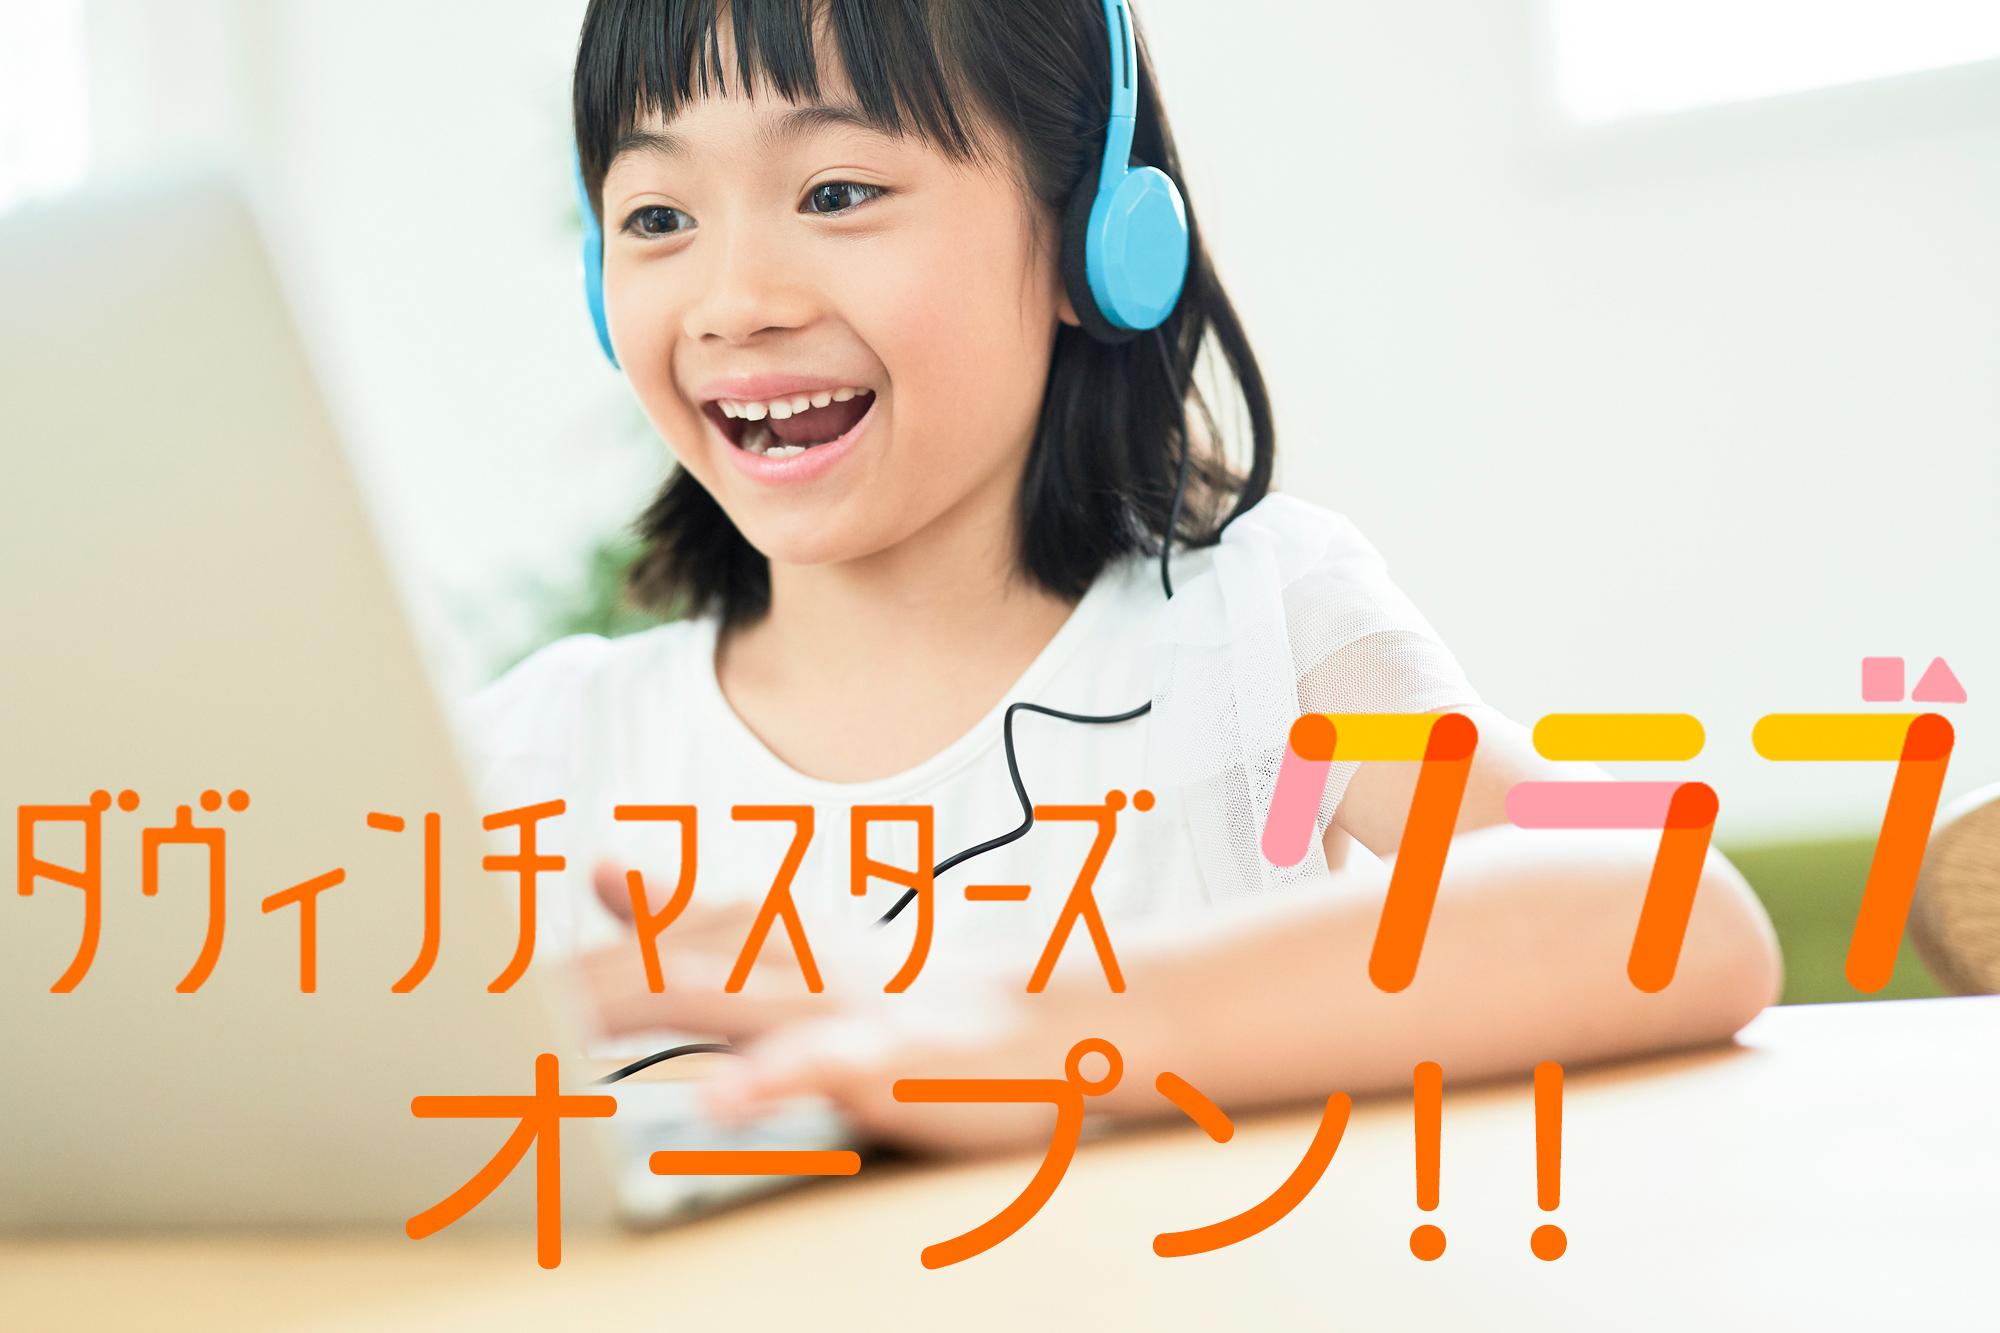 ダヴィンチマスターズ クラブ オープンしました!!